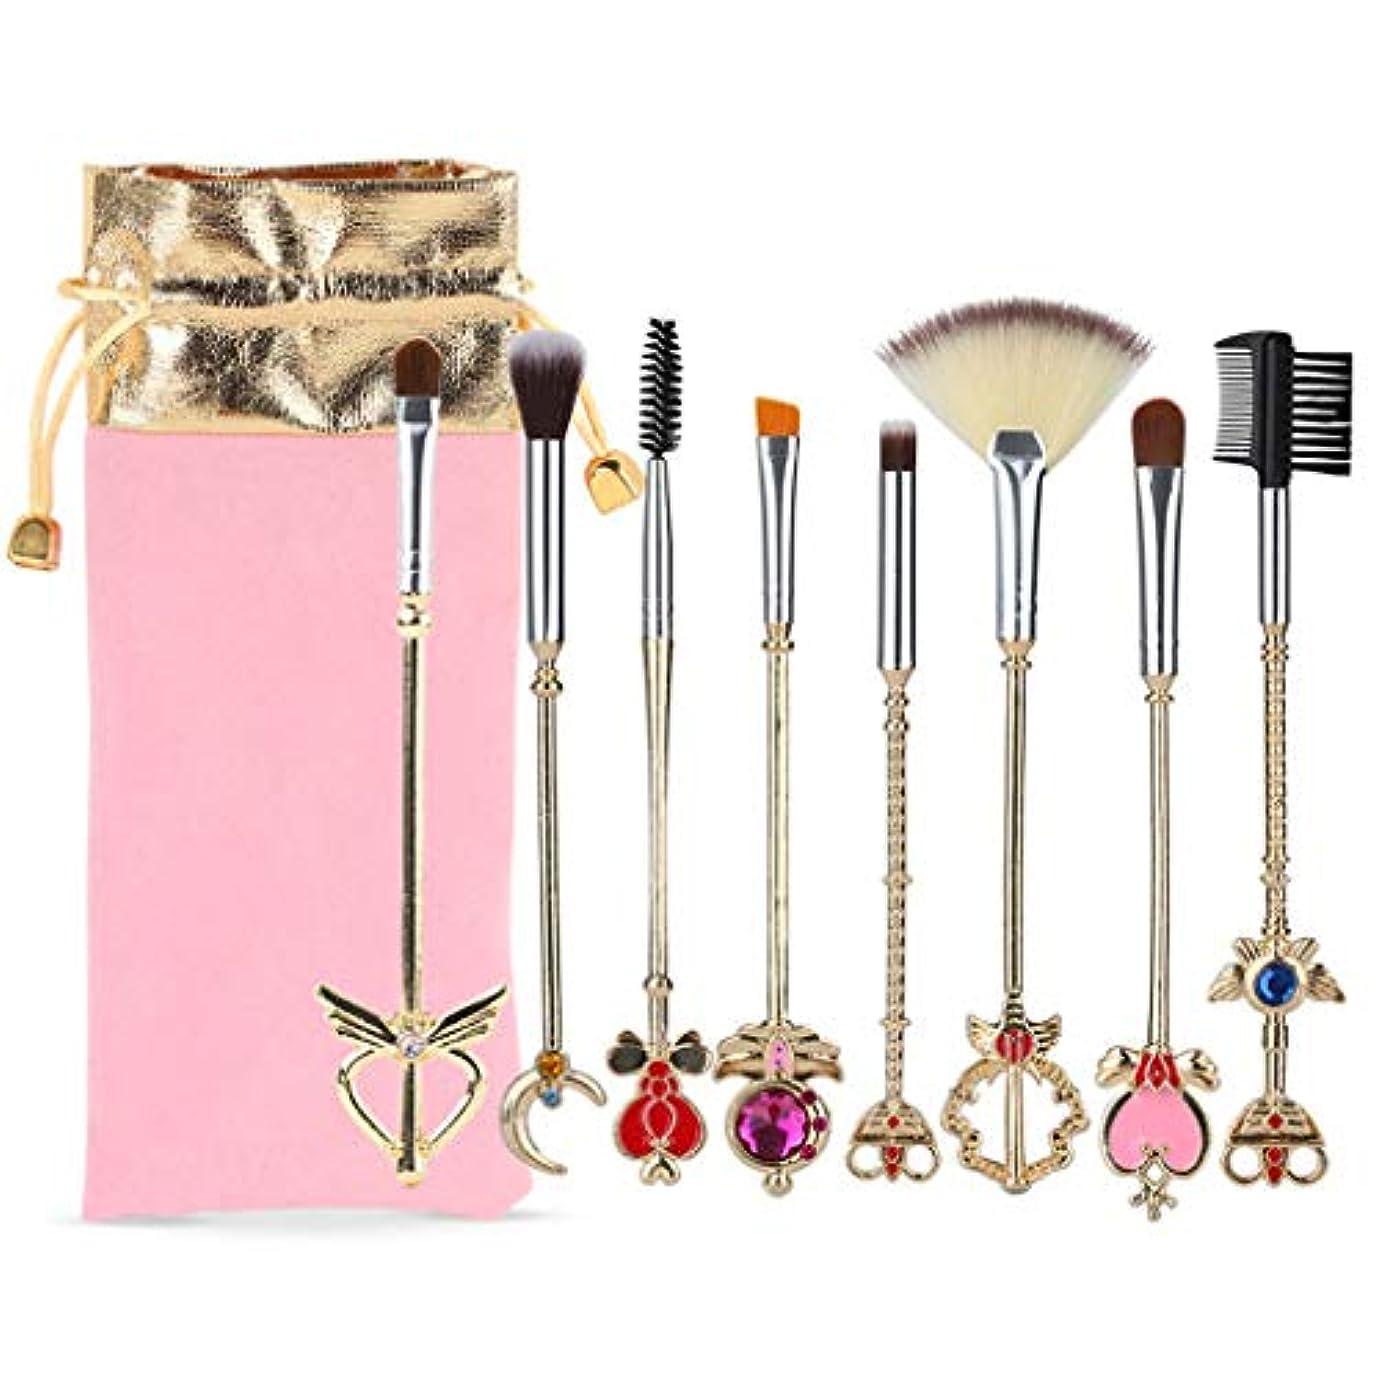 クレアグリル万歳8化粧ブラシ美容ツールアメージング桜化粧ブラシ